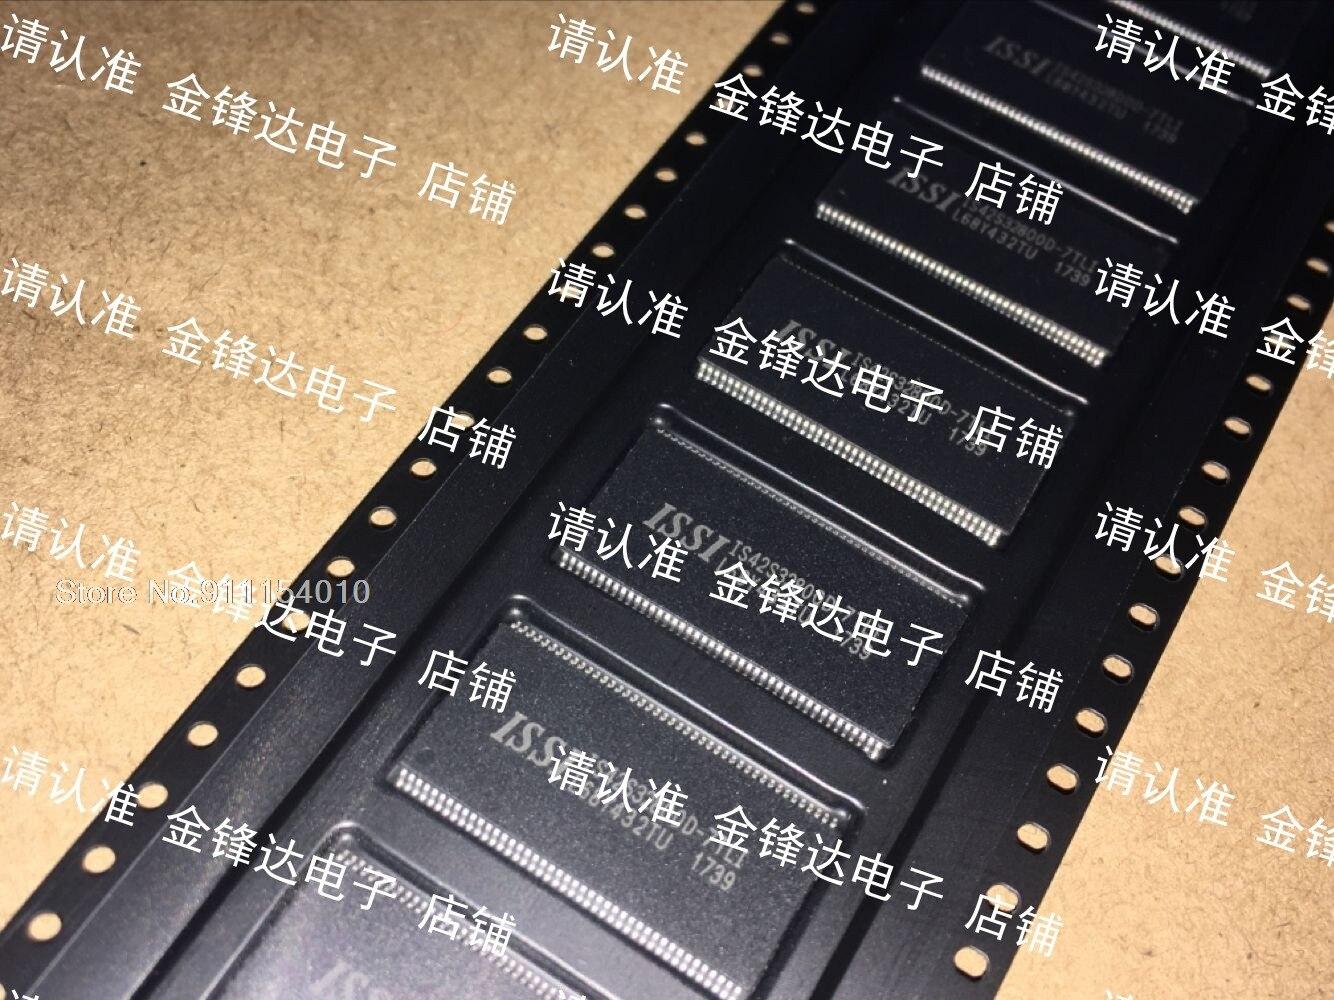 IS42S32800D-6TLI / B-6TLI / B-6TL / D-7TLI / J-7TLI